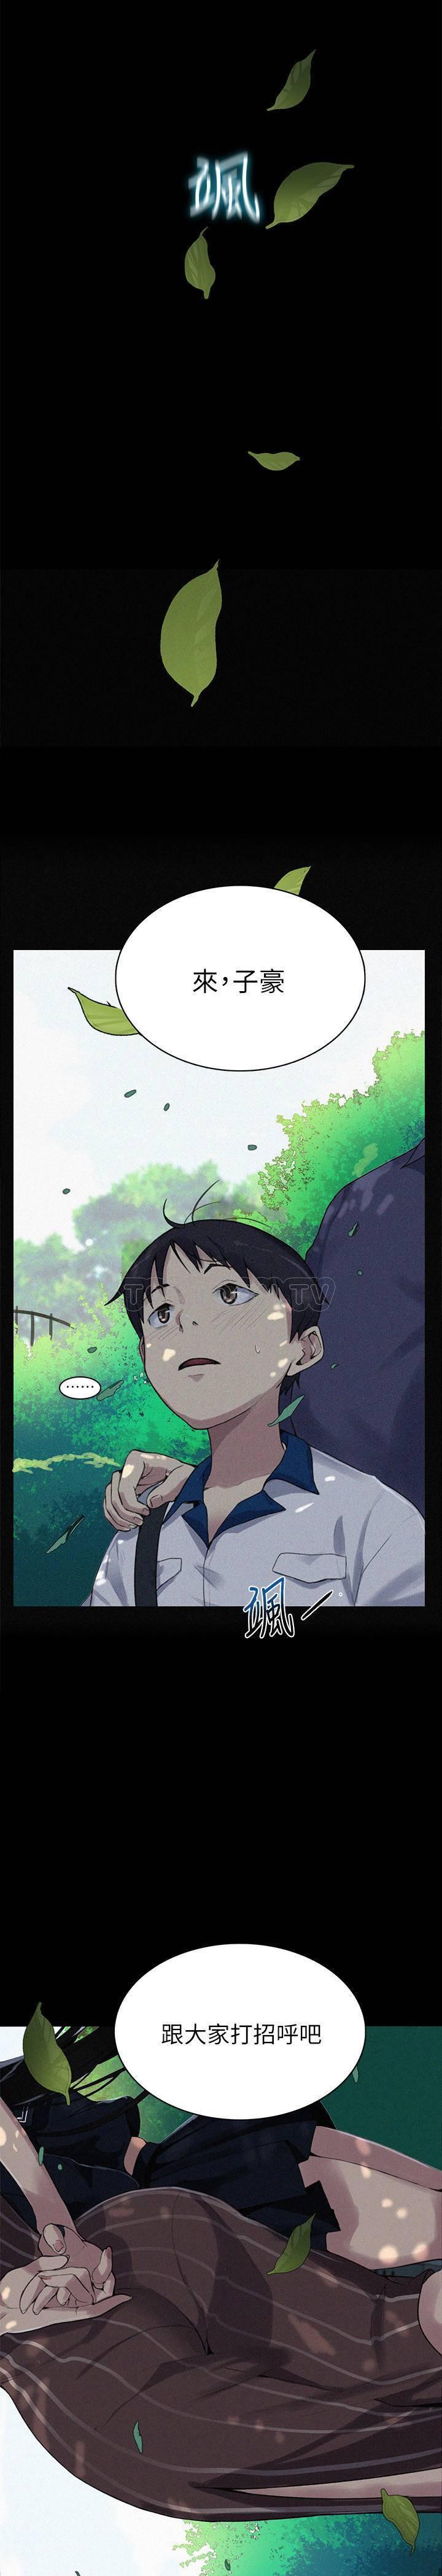 《私密教学》漫画&完整版(全文在线阅读)